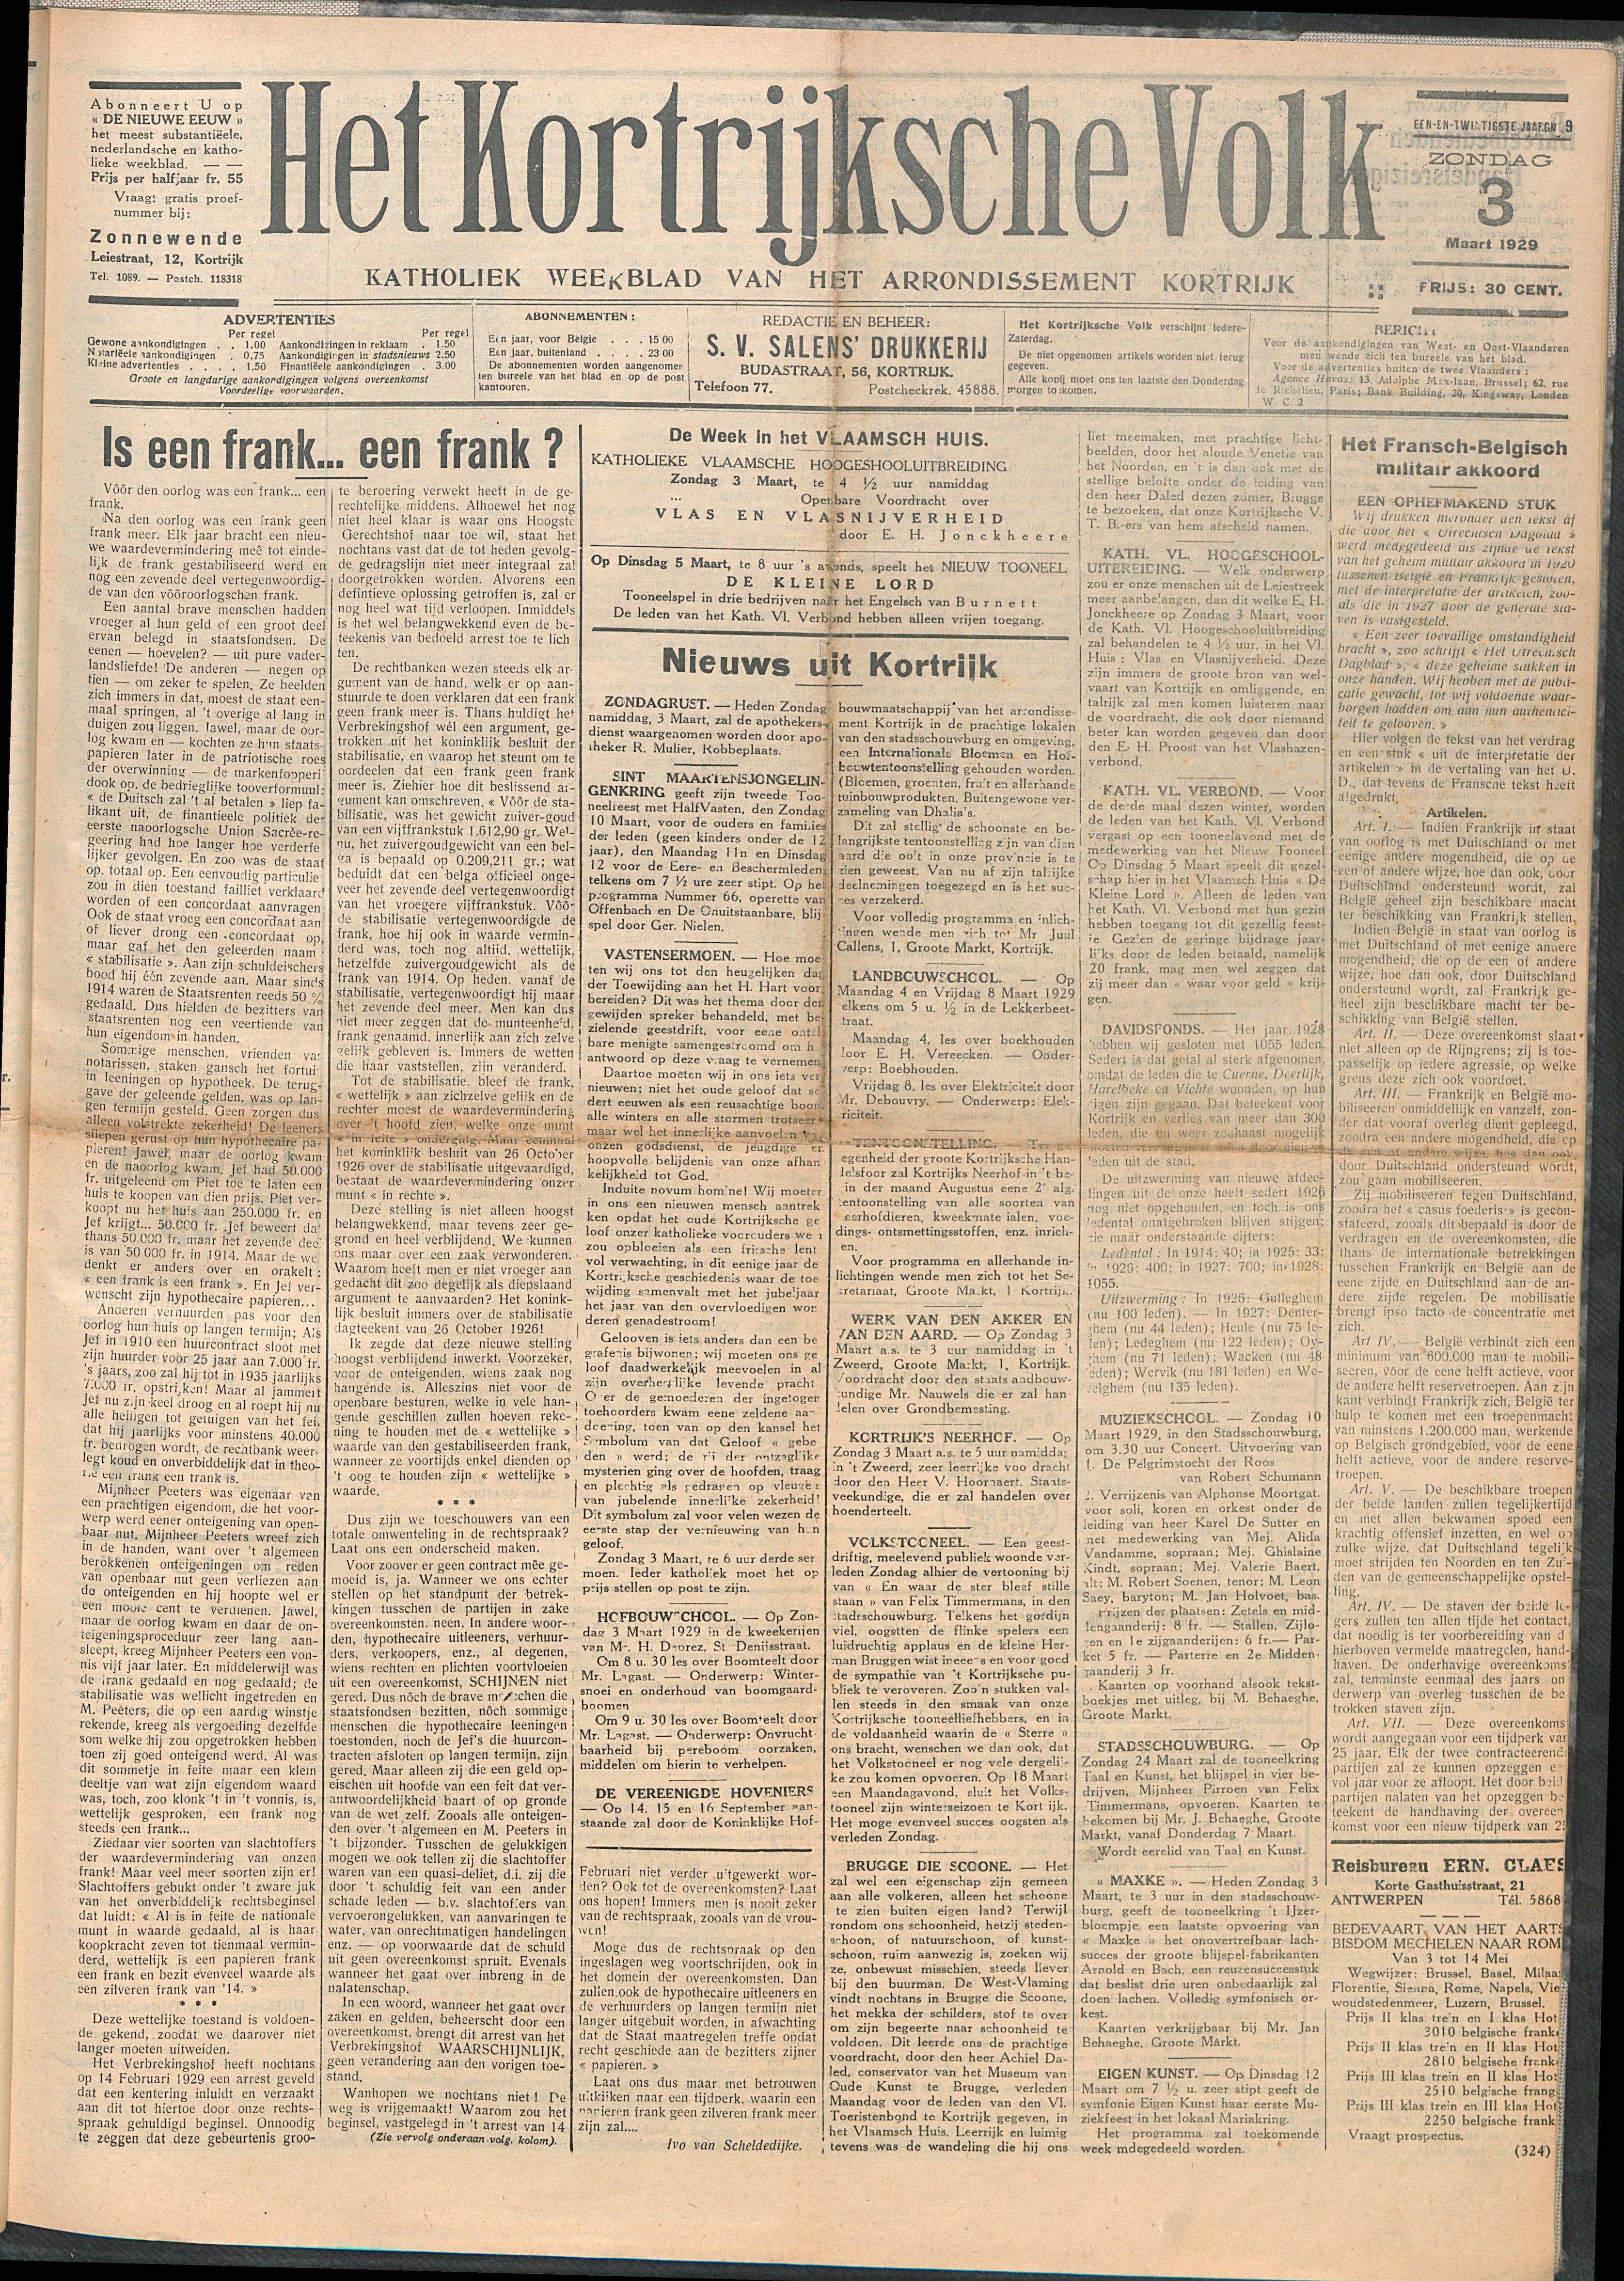 Het Kortrijksche Volk 1929-03-03 p1